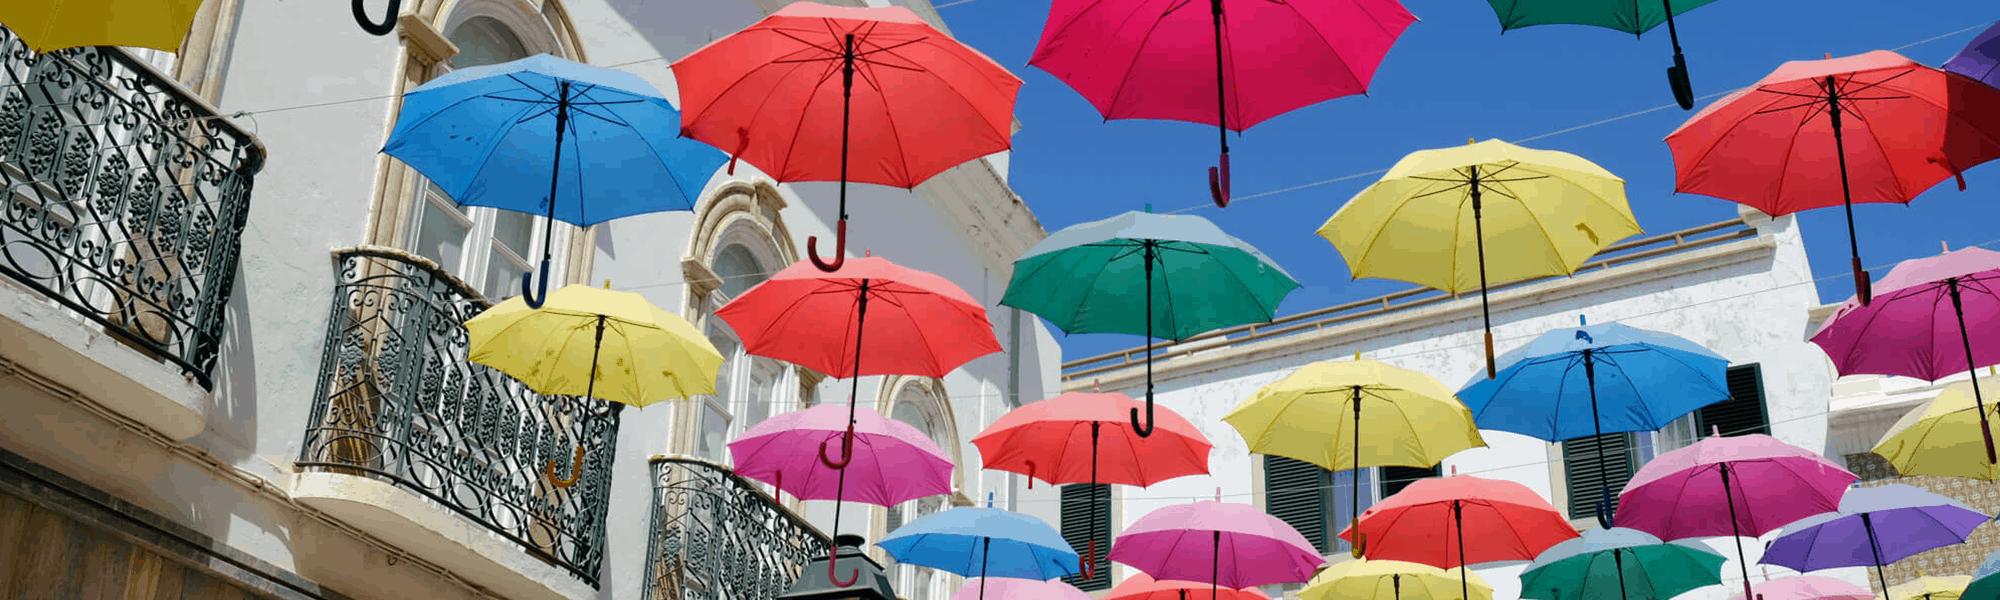 Im Herbst und Winter an die Algarve – Teil 3: Ostalgarve